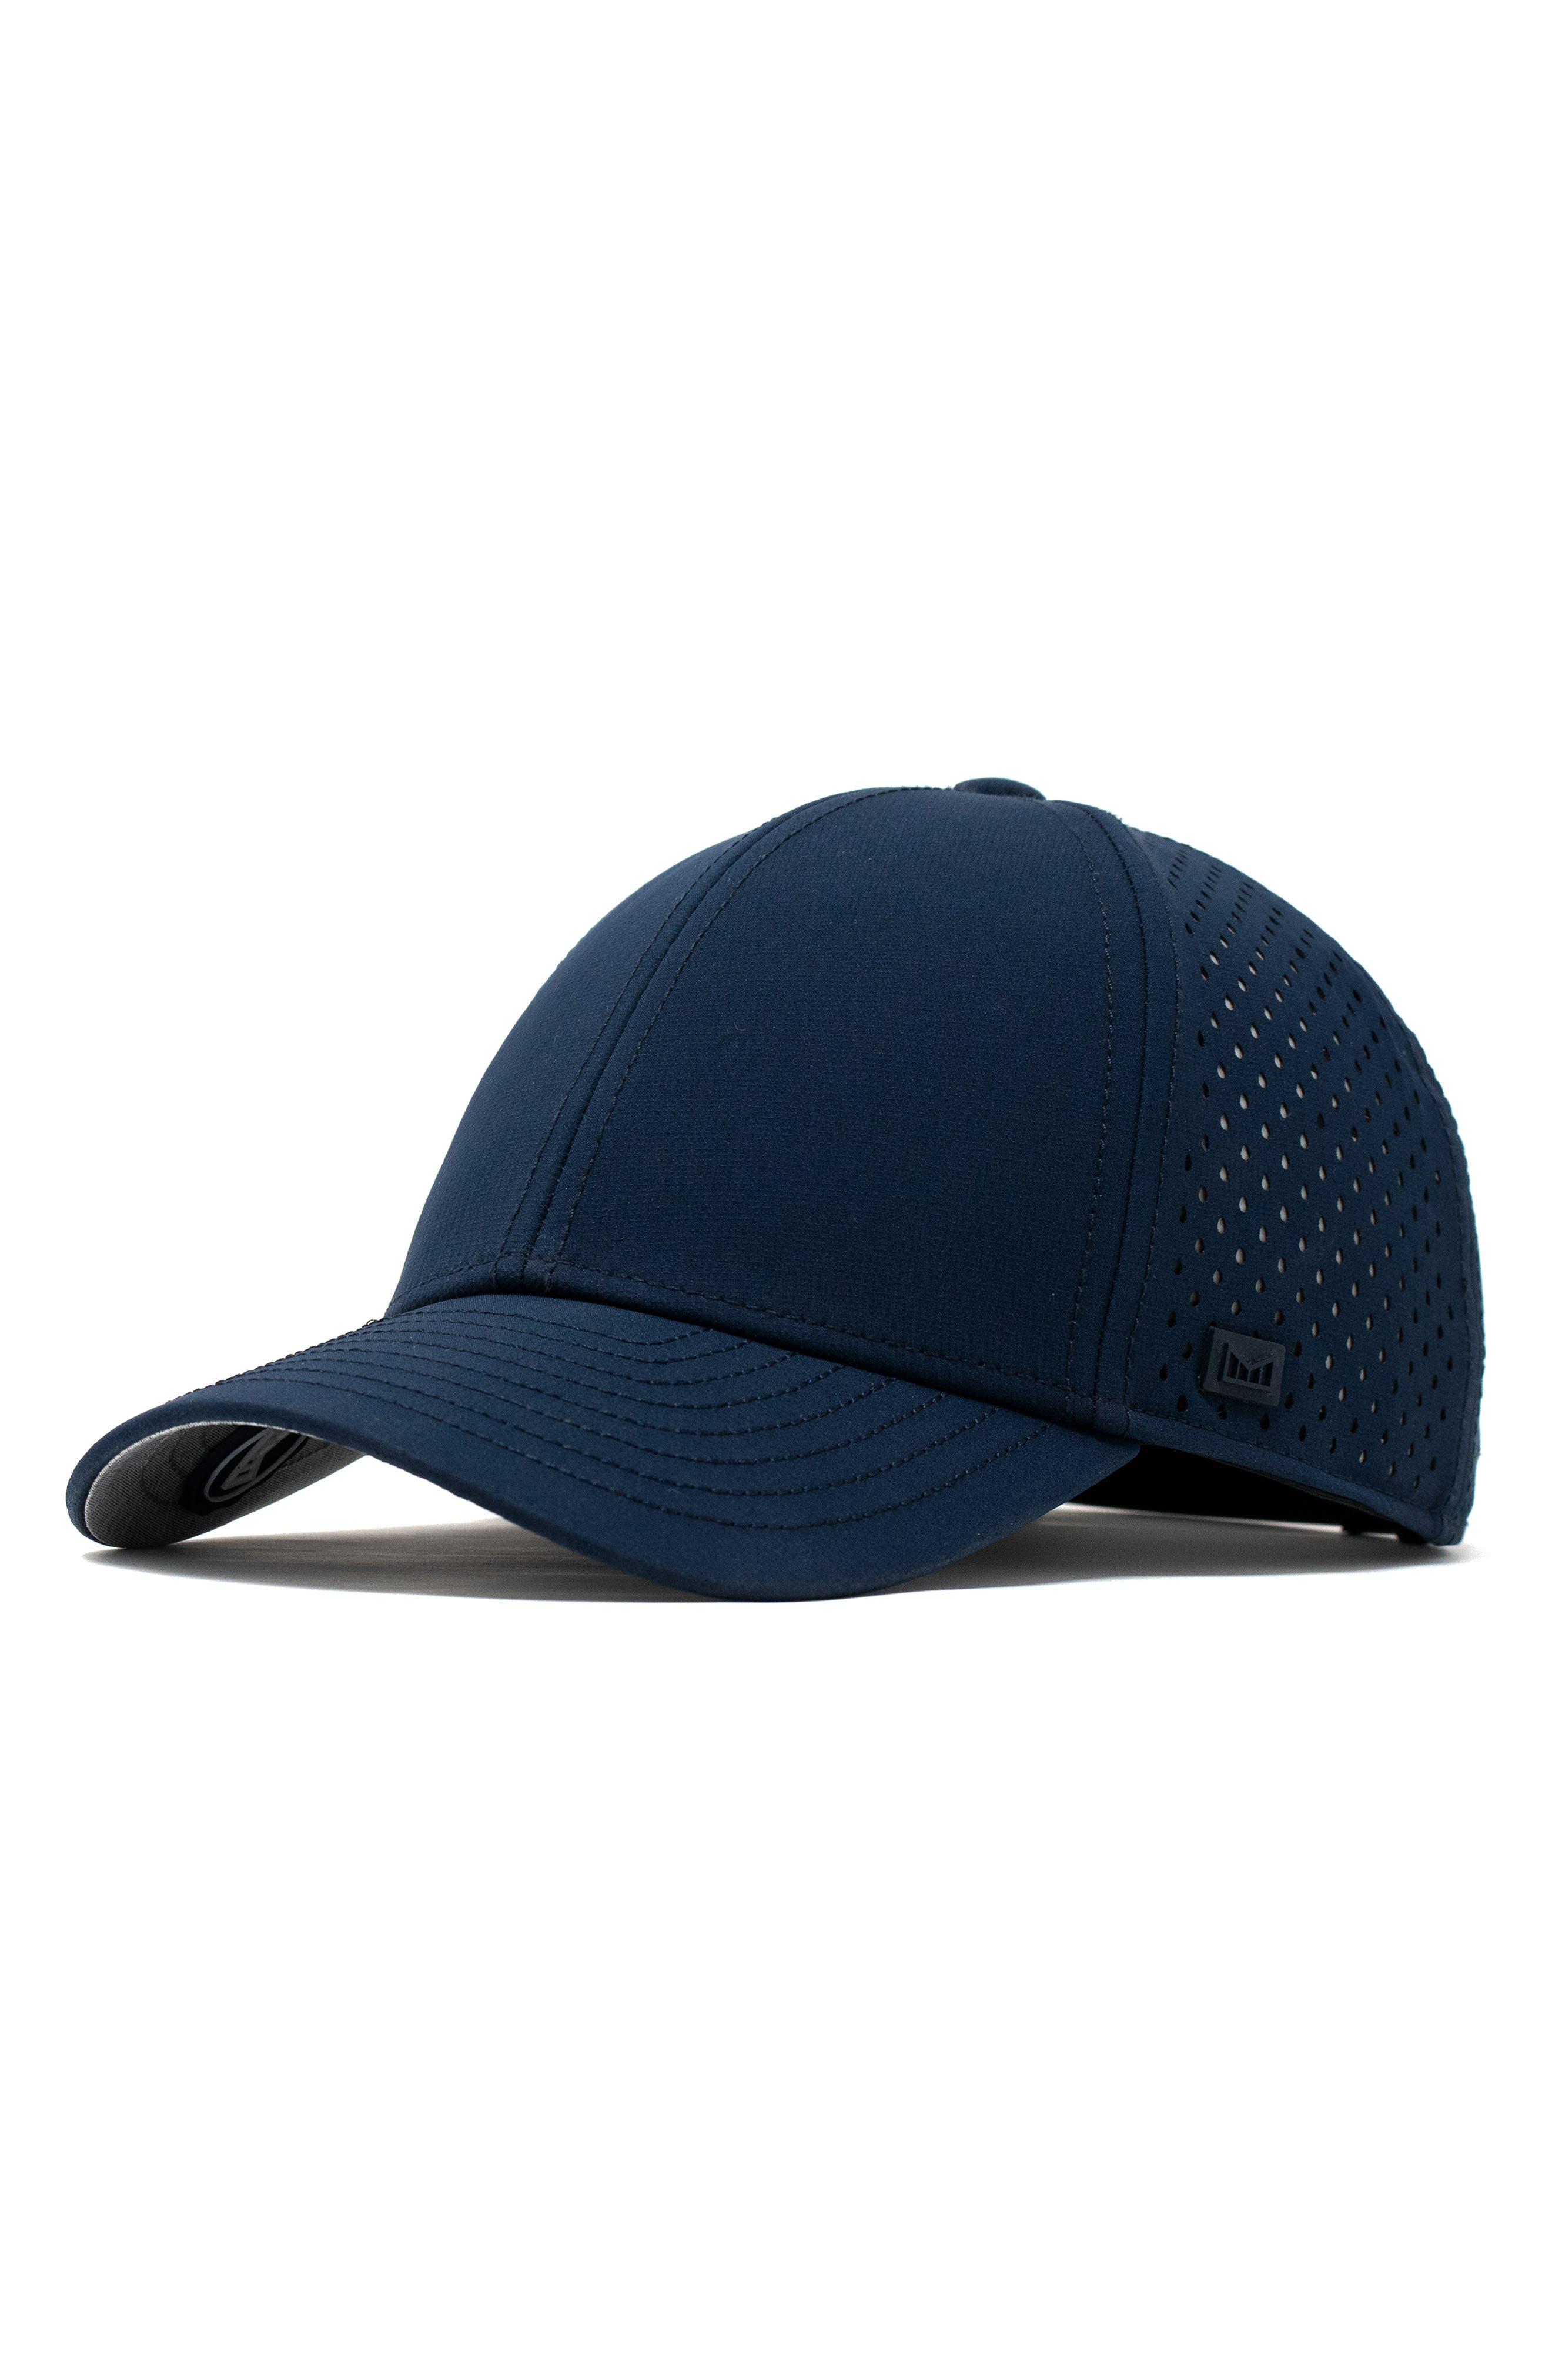 Hydro A-Game Snapback Baseball Cap